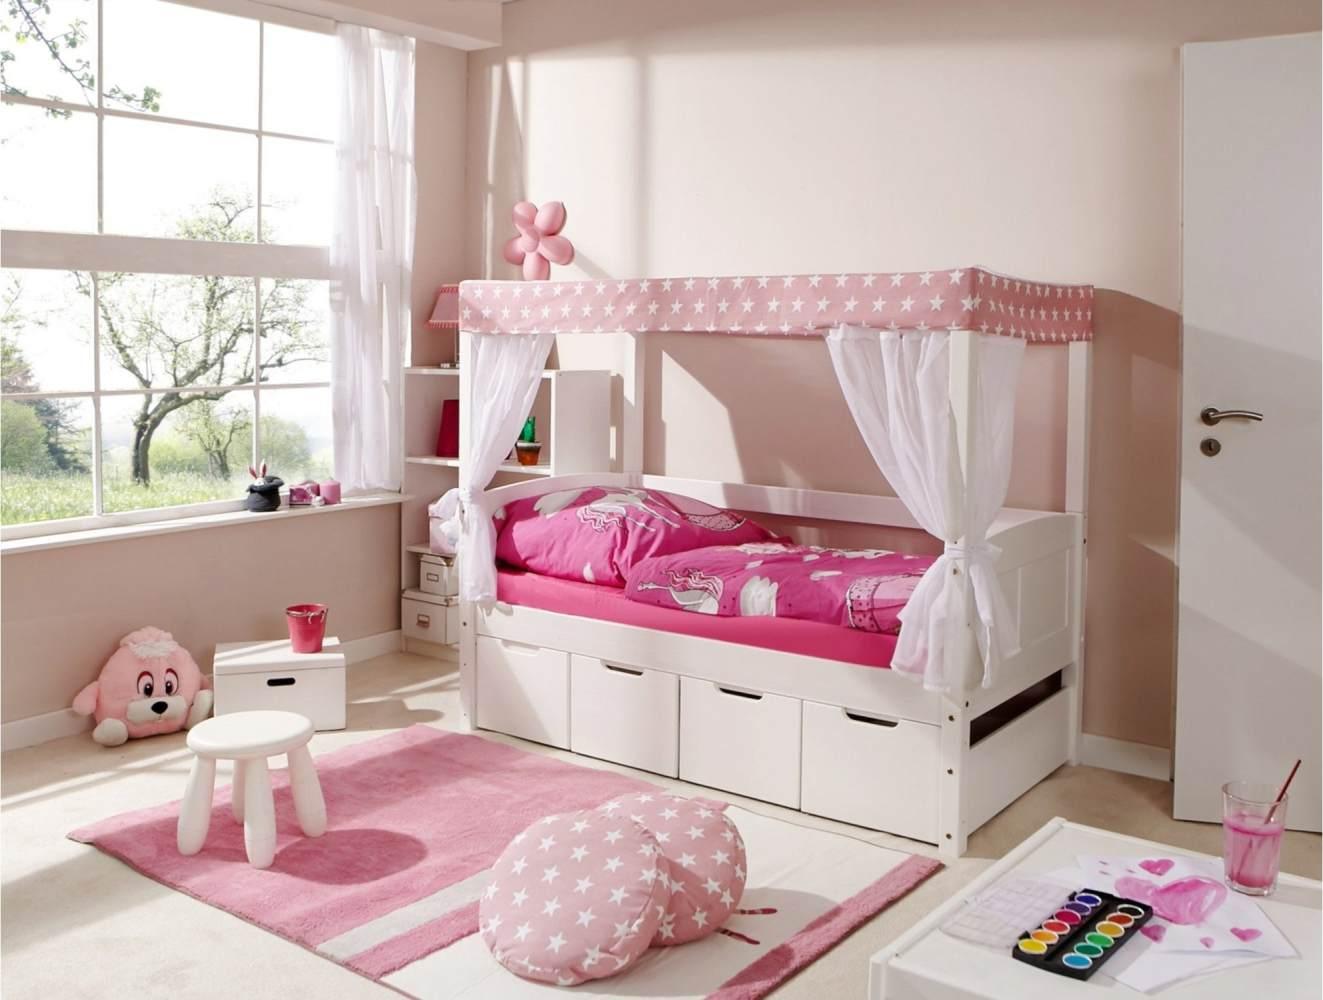 Ticaa 'Mini' Himmelbett weiß, Stern rosa, inkl. Bettkasten 'Maria' 80x160 Bild 1